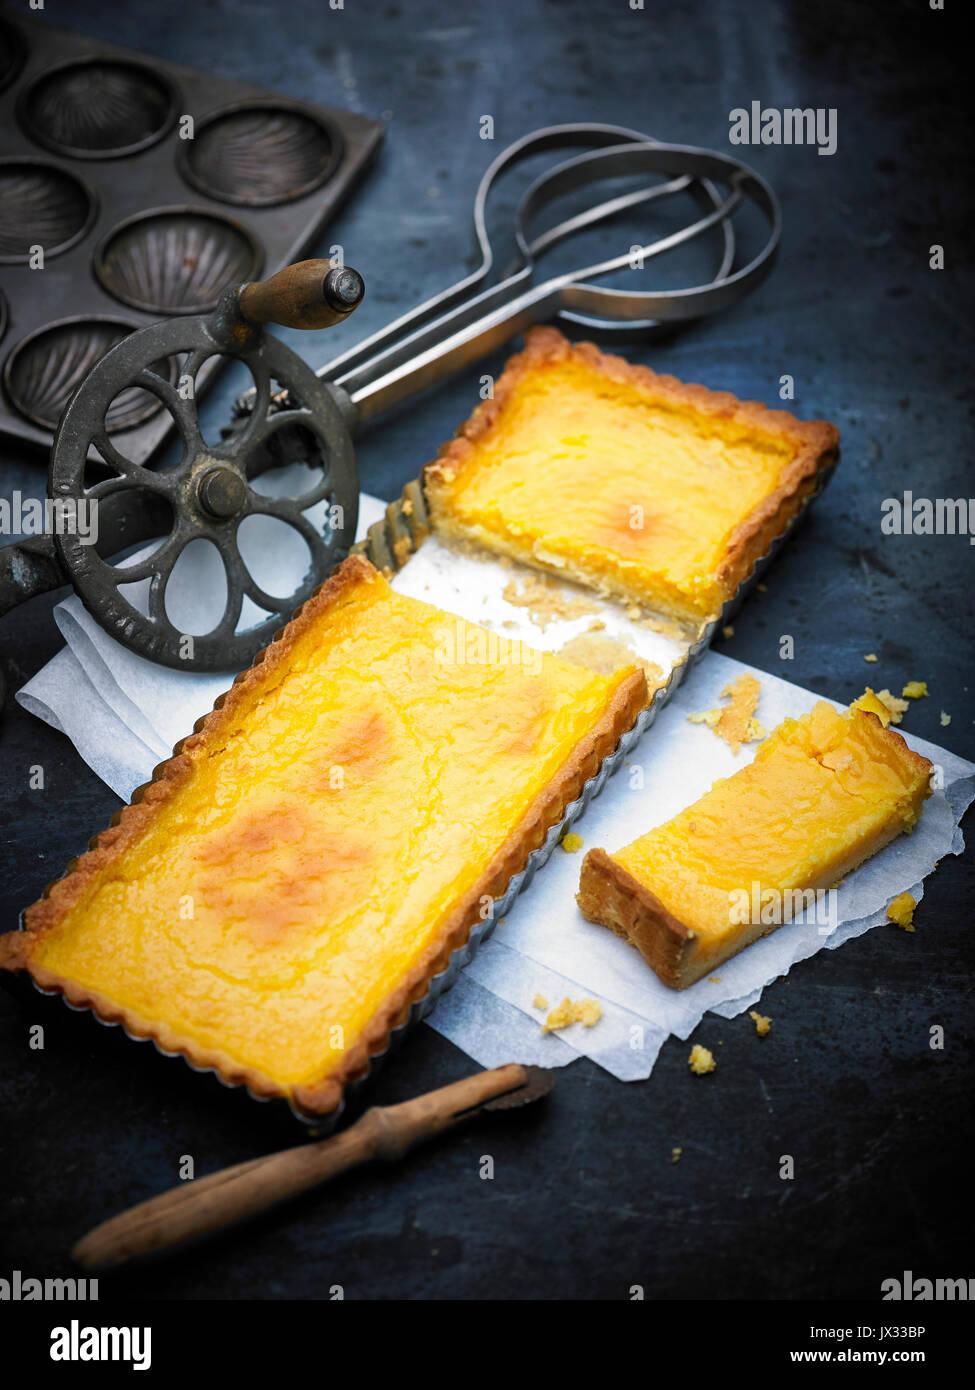 Tarta de limón sedoso con repostería casera Imagen De Stock